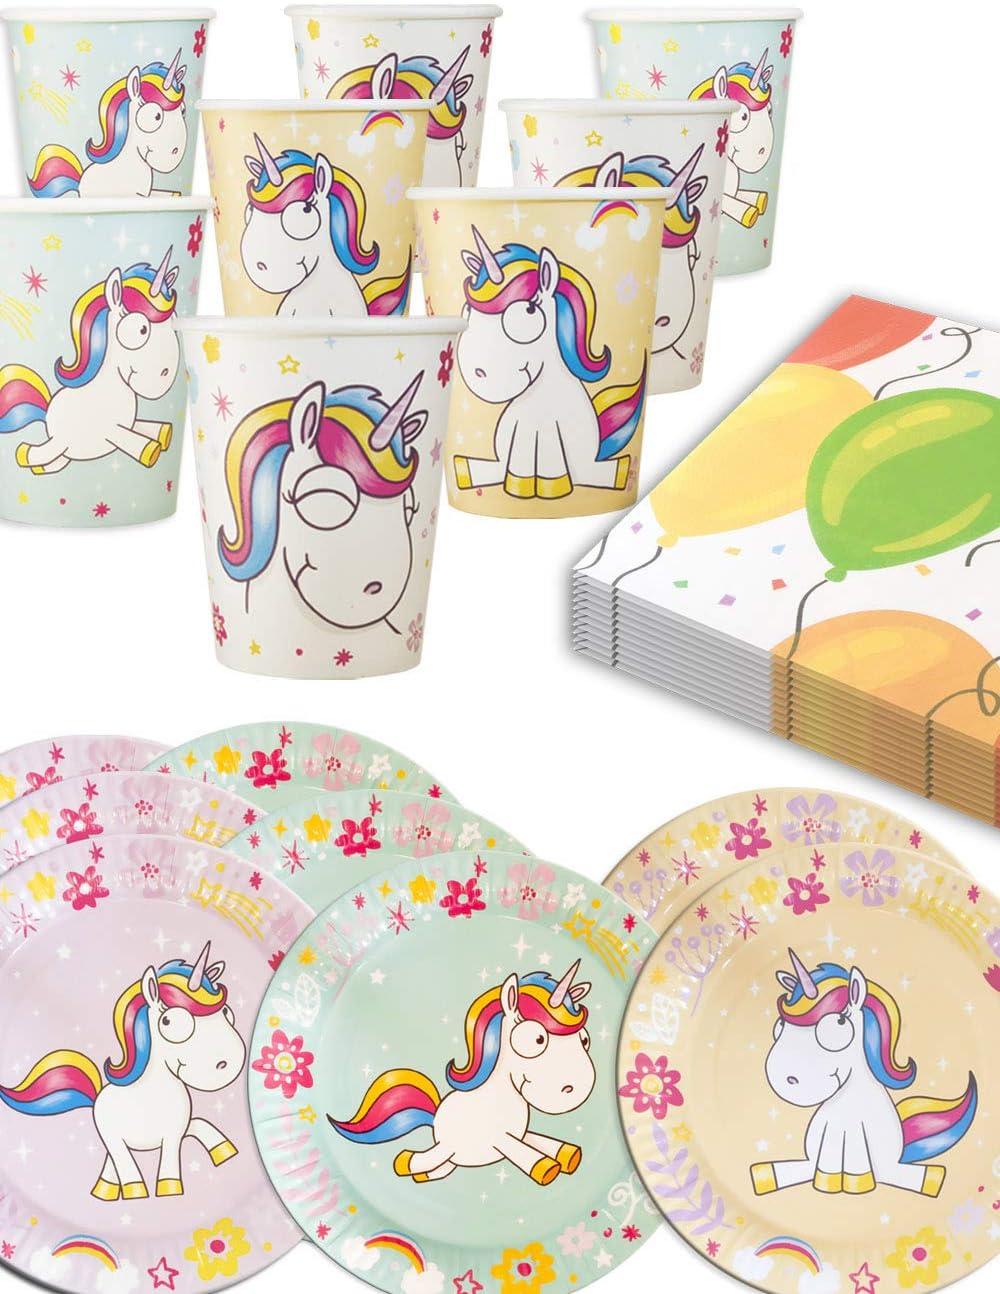 Home Tools.EU/®/ vasos de papel 6/personas varios colores /Unicornio Unicorn Fiesta de vajilla Flying Unicorn , cart/ón de platos, servilletas, 34/piezas